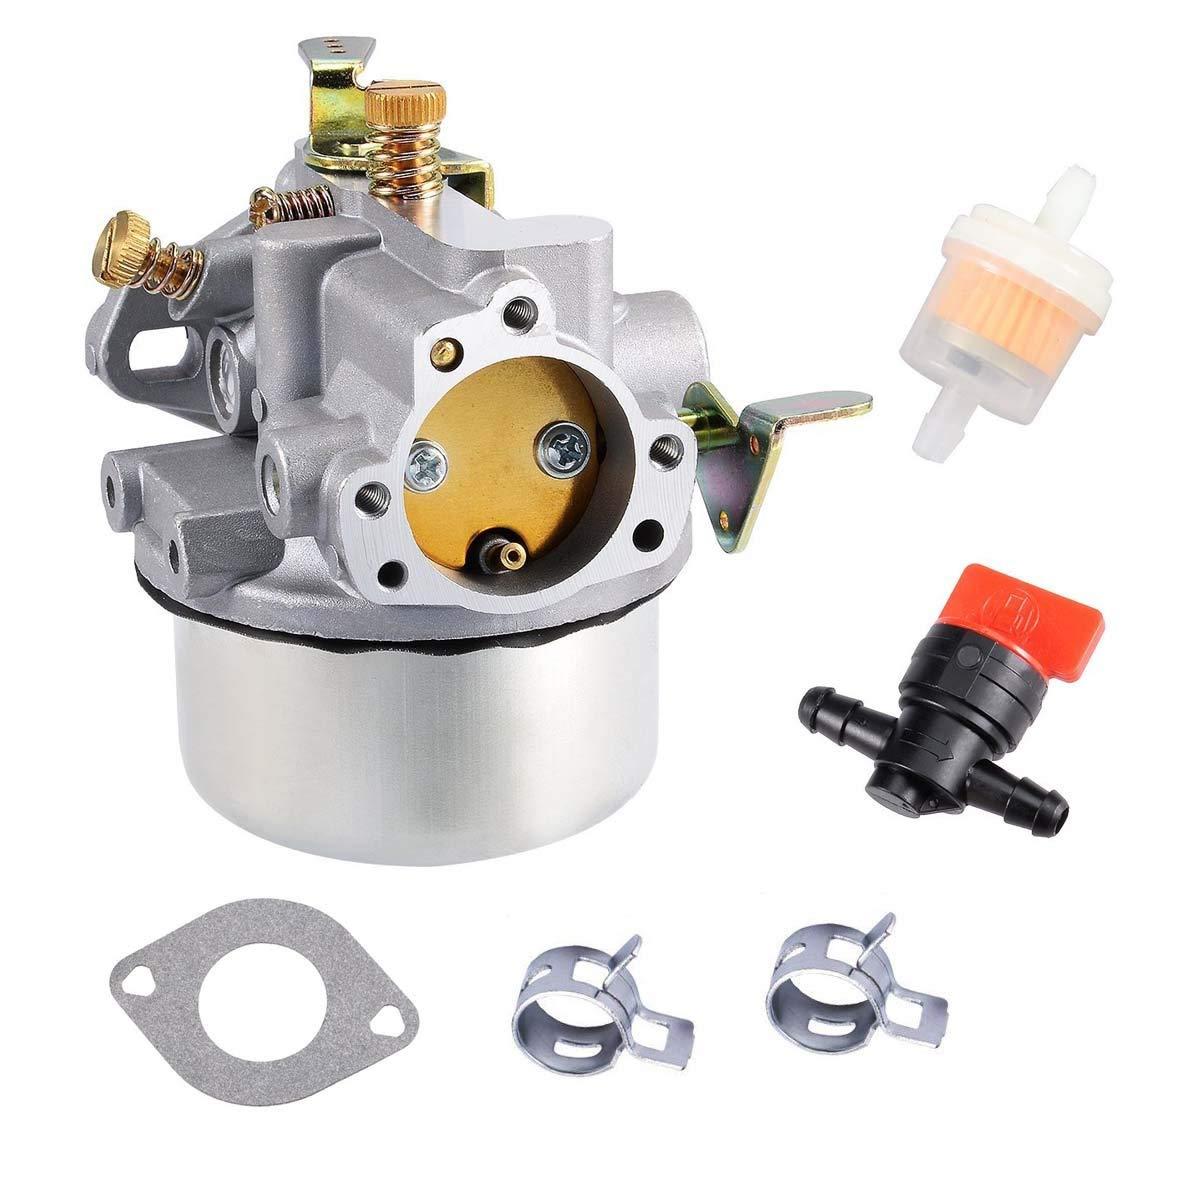 Cheap Kohler Motor Manual, find Kohler Motor Manual deals on line at